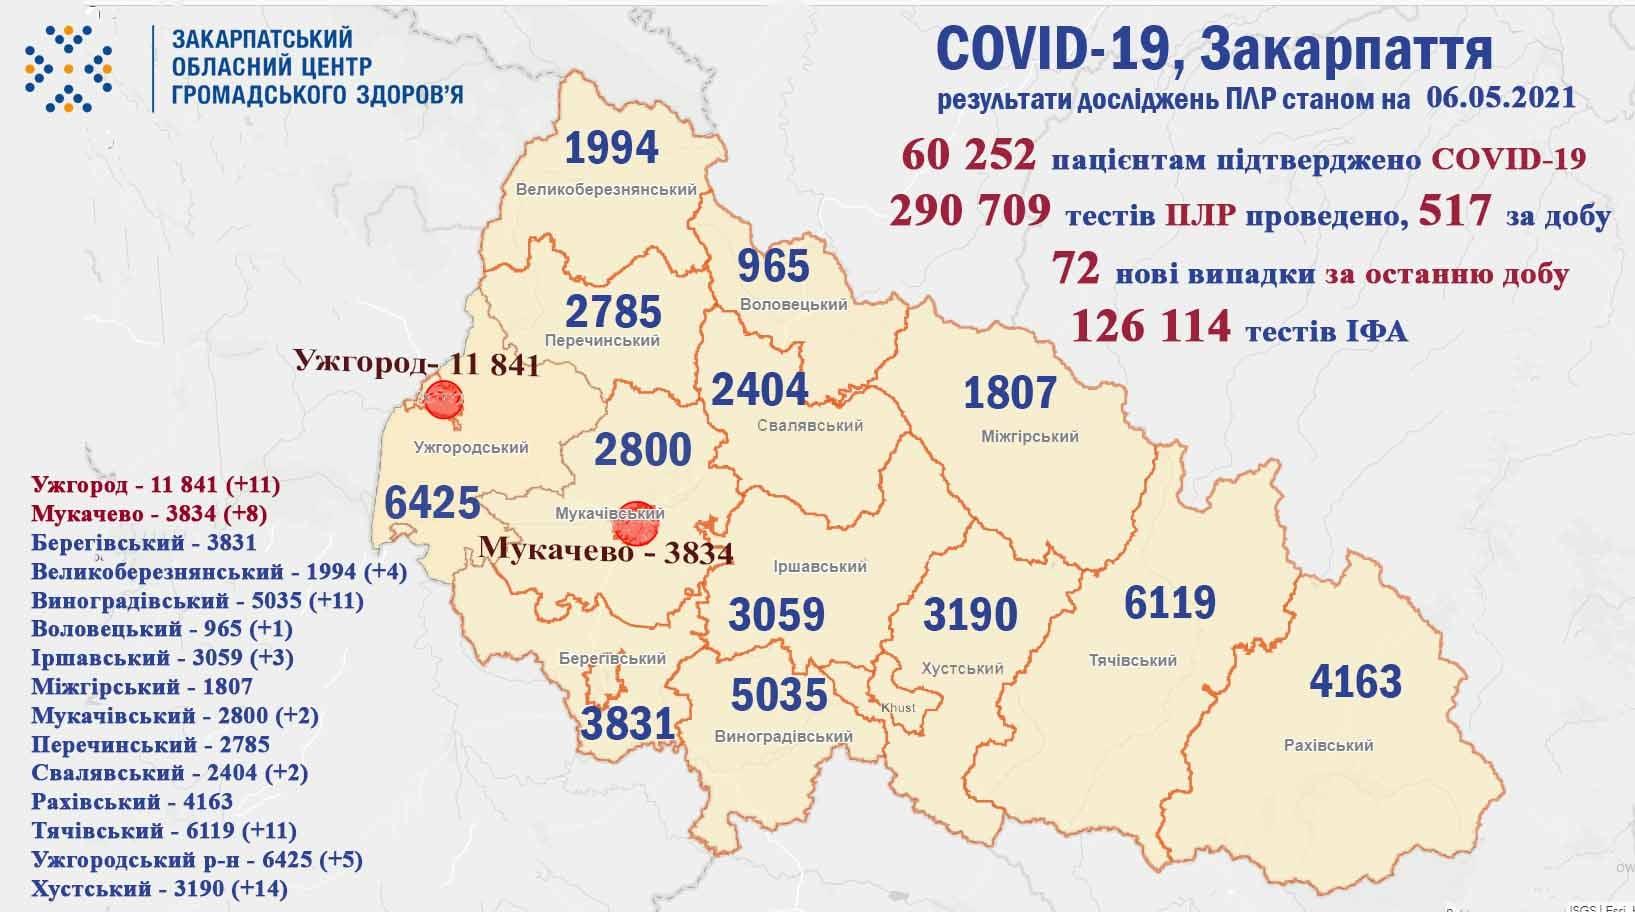 У Закарпатті, в порівнянні із попередніми днями, різко зросла кількість хворих на коронавірус